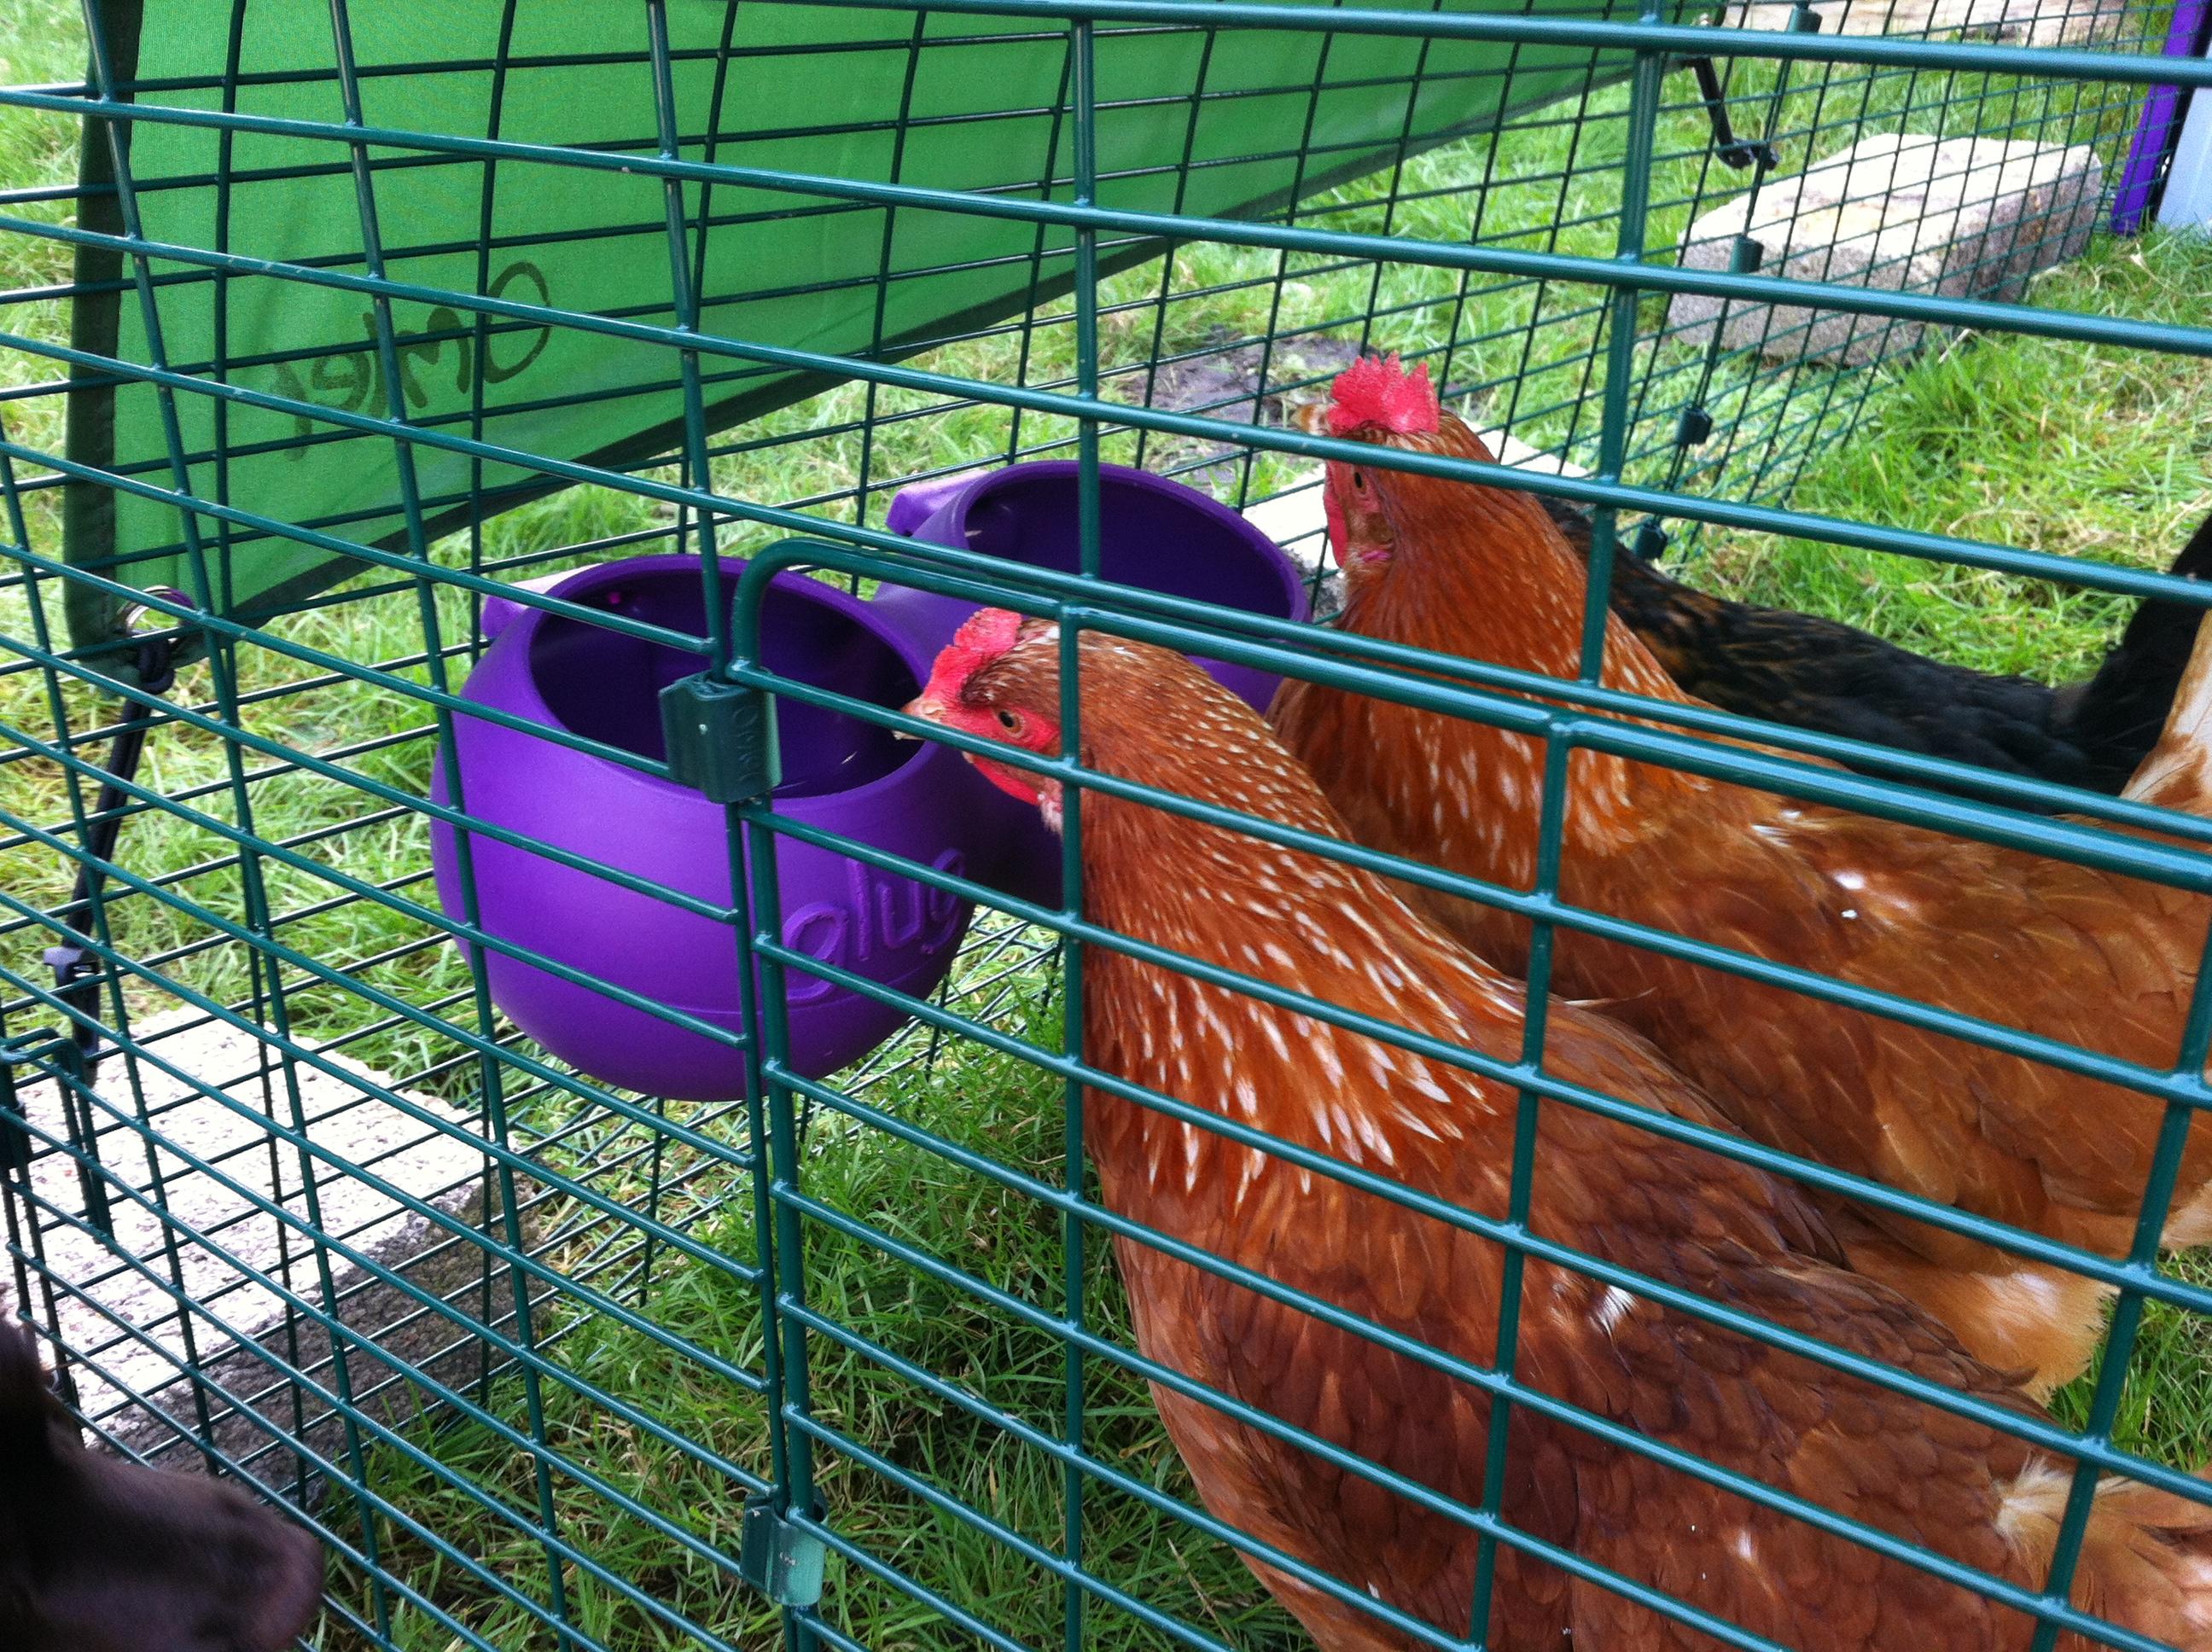 Katie Cheethams høns elsker at spise og drikke fra deres rene foder-/vandtrug fra Omlet